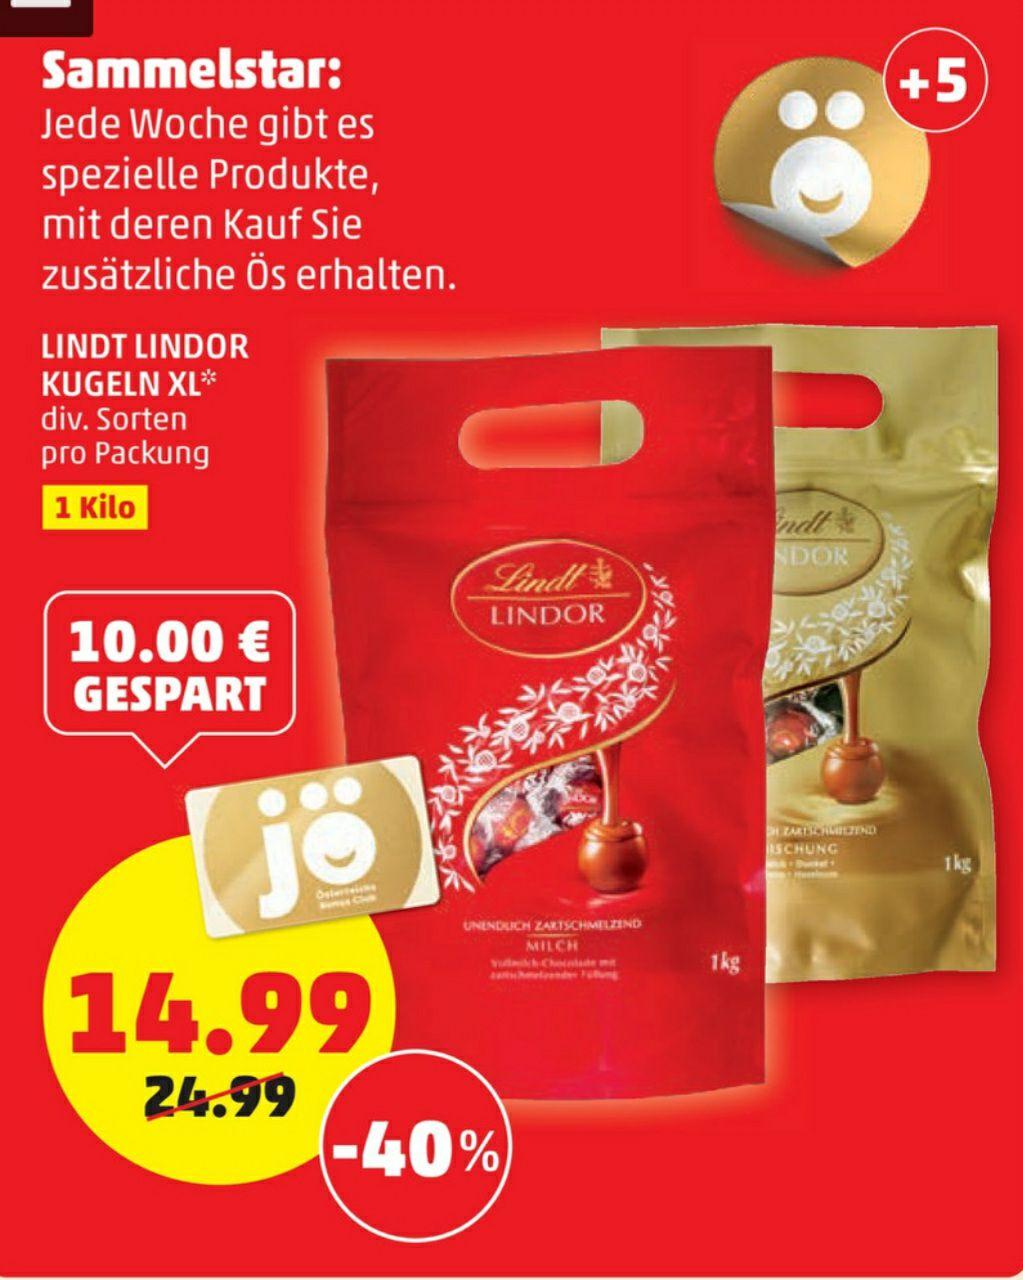 Lindt Lindor Kugeln XL 1kg Packung € 14.99 beim Penny